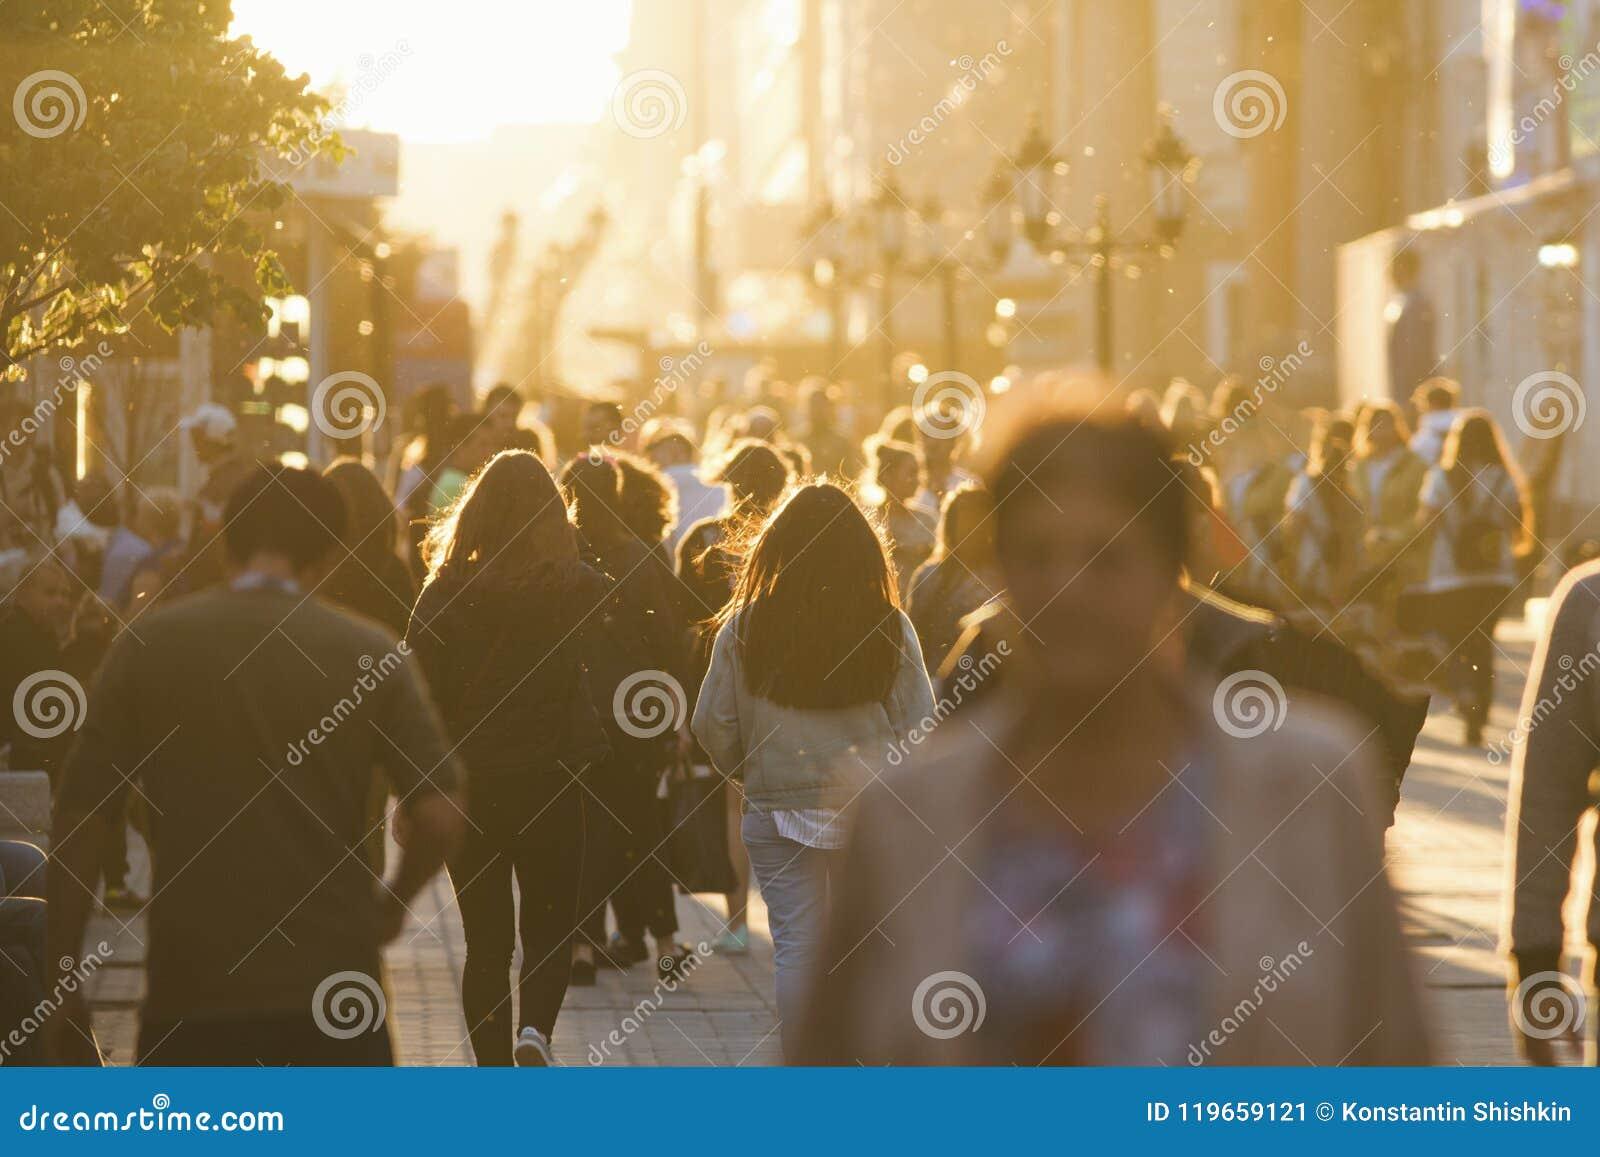 Konturer av folk tränger ihop att gå ner gatan på sommaraftonen, härligt ljus på solnedgången